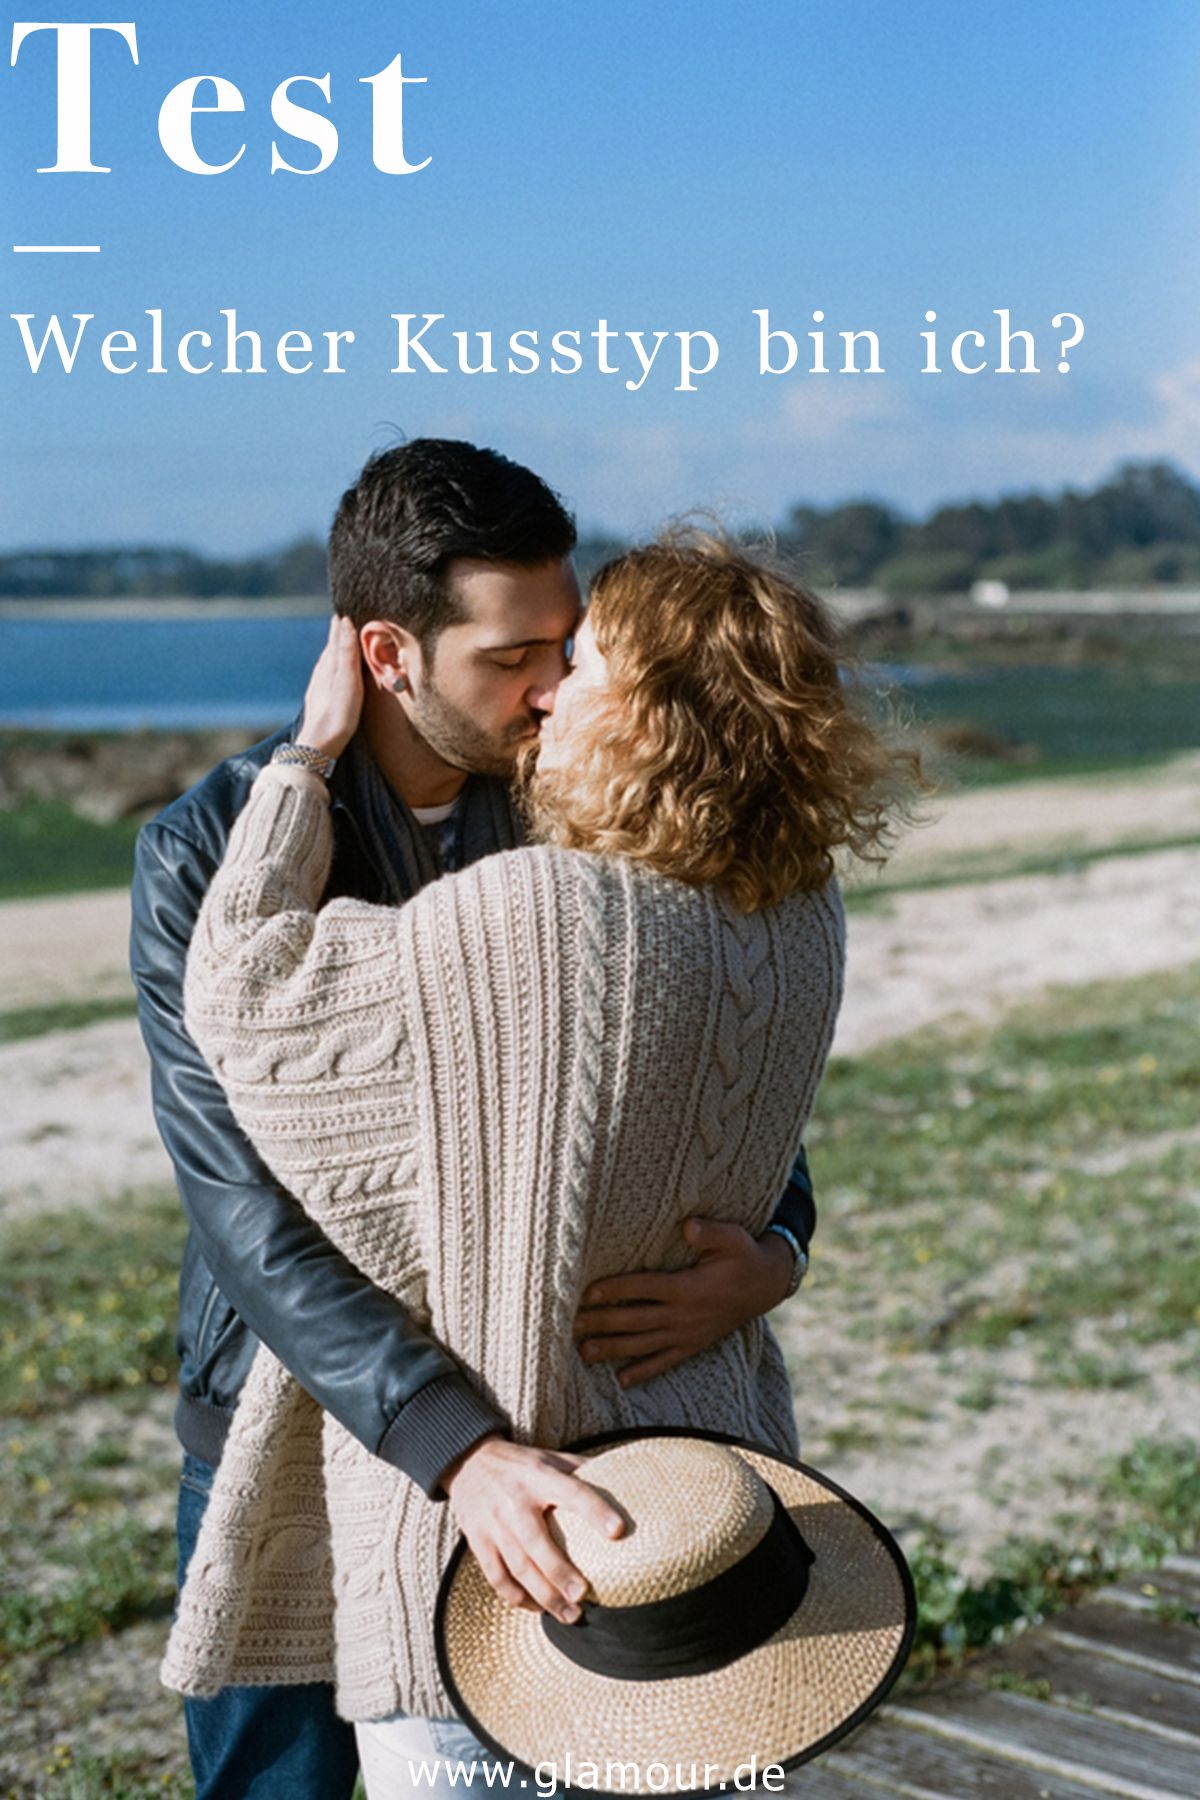 Der Perfekte Kuss Welcher Kusstyp Bin Ich Teste Dich Perfekter